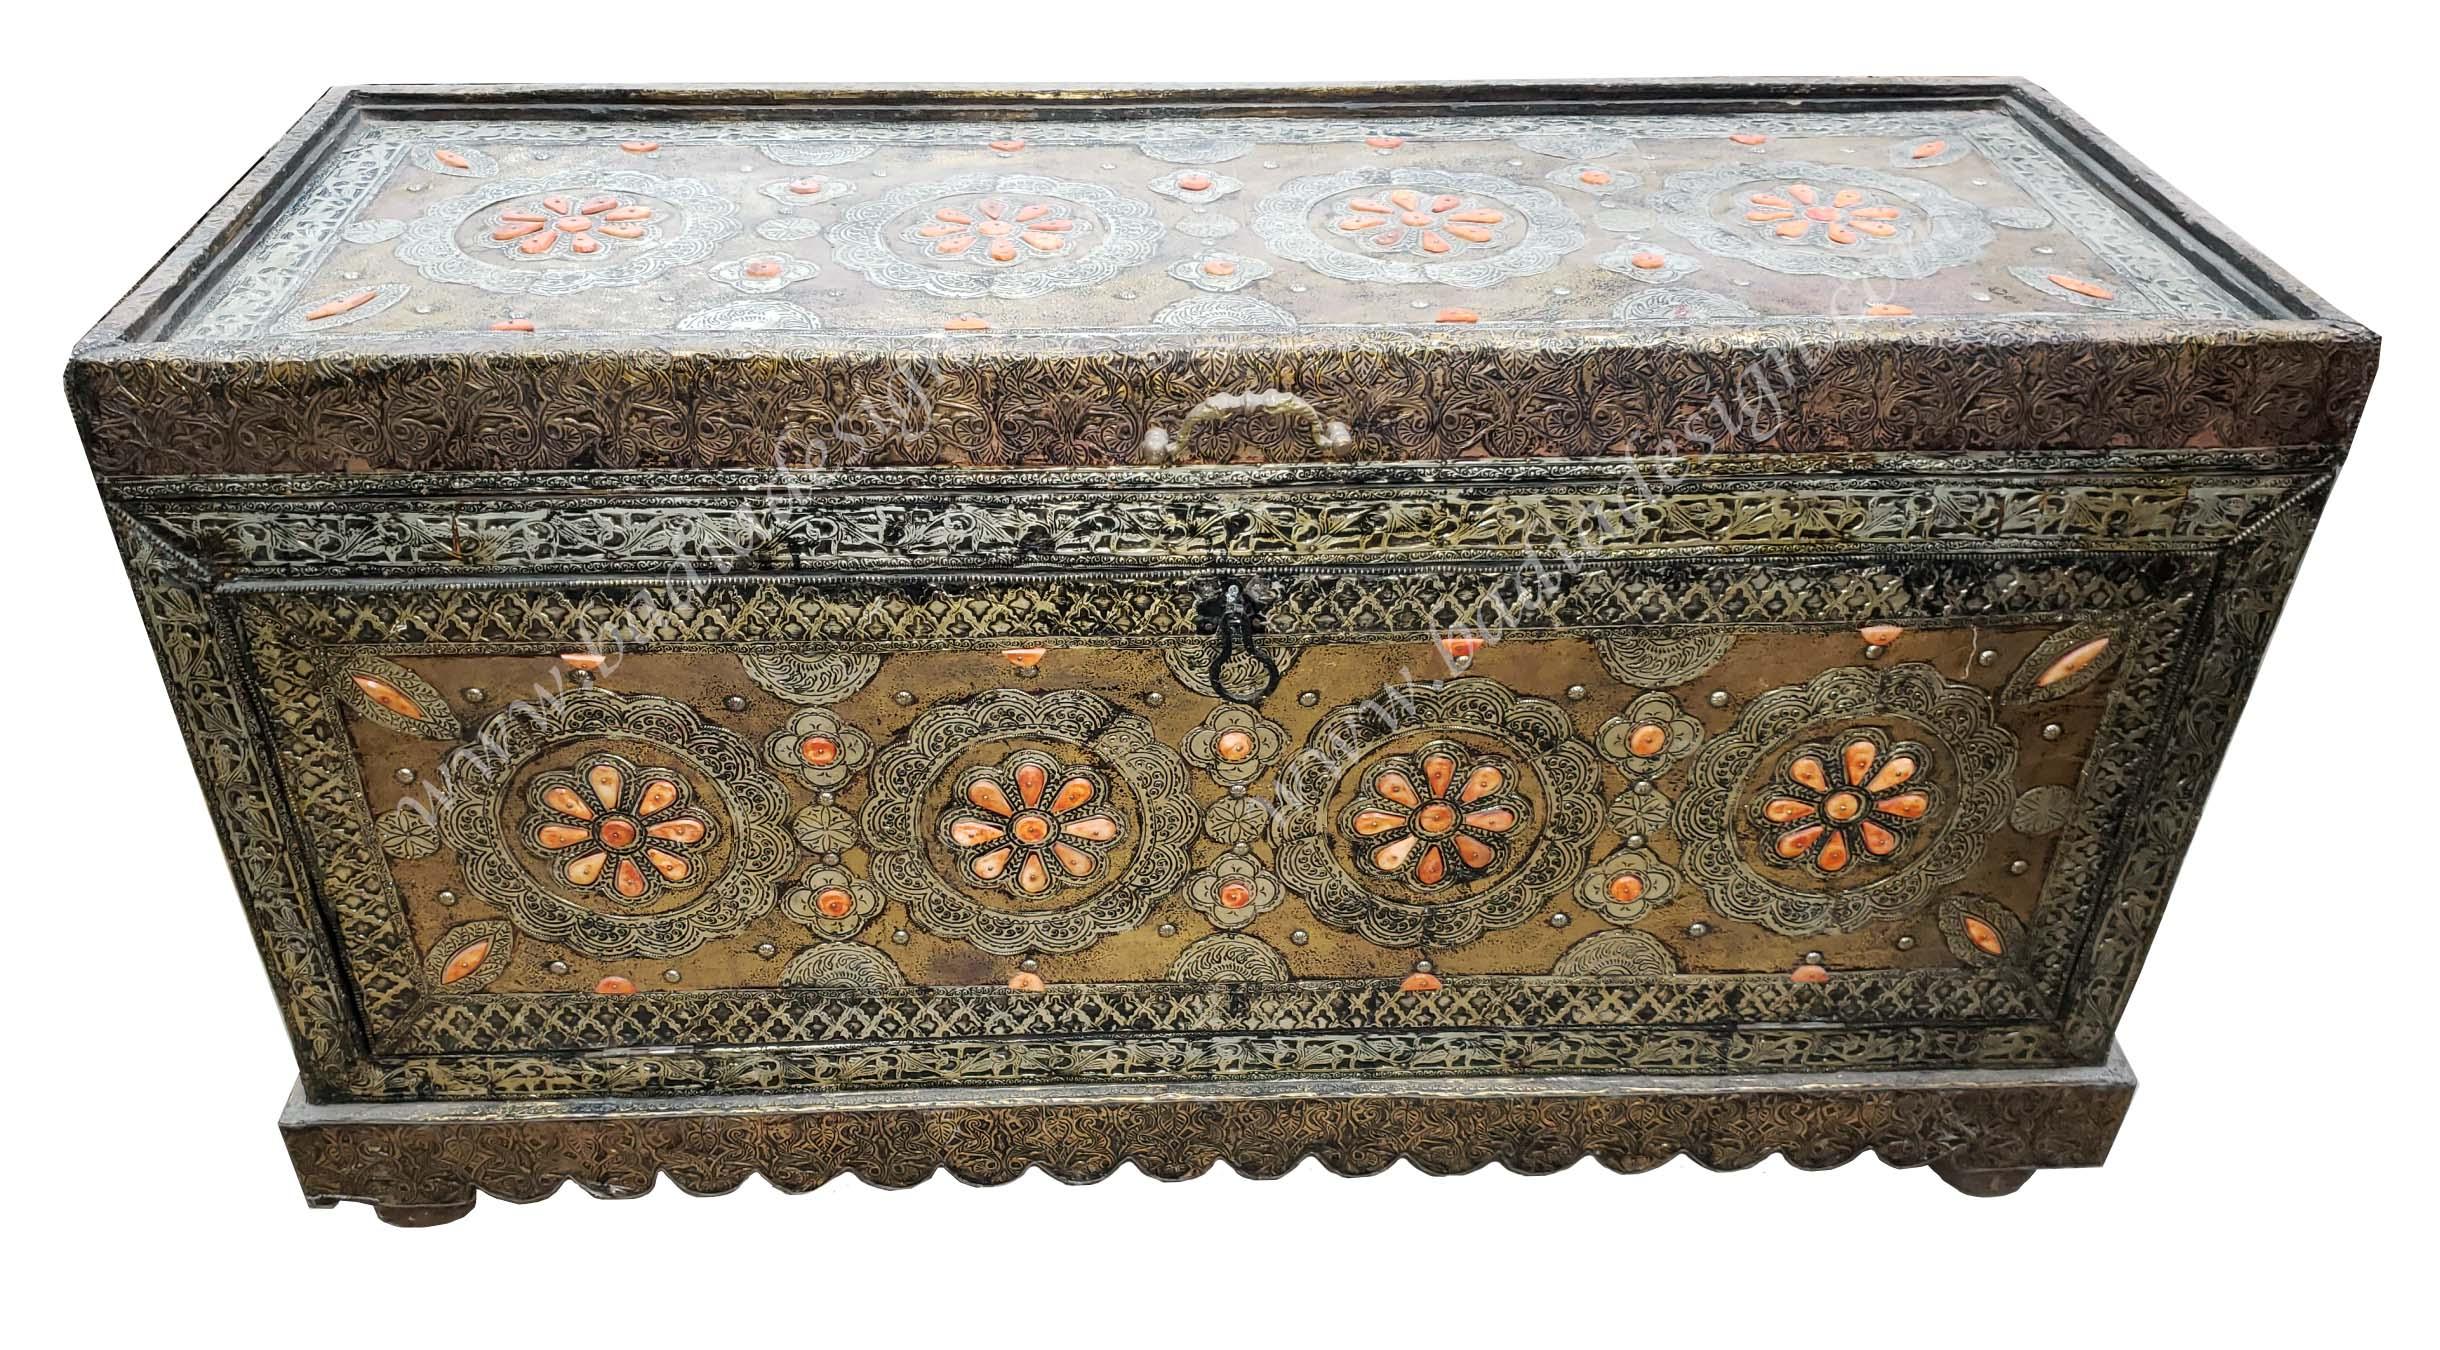 vintage-moroccan-metal-and-orange-bone-trunk-mb-t011-1.jpg